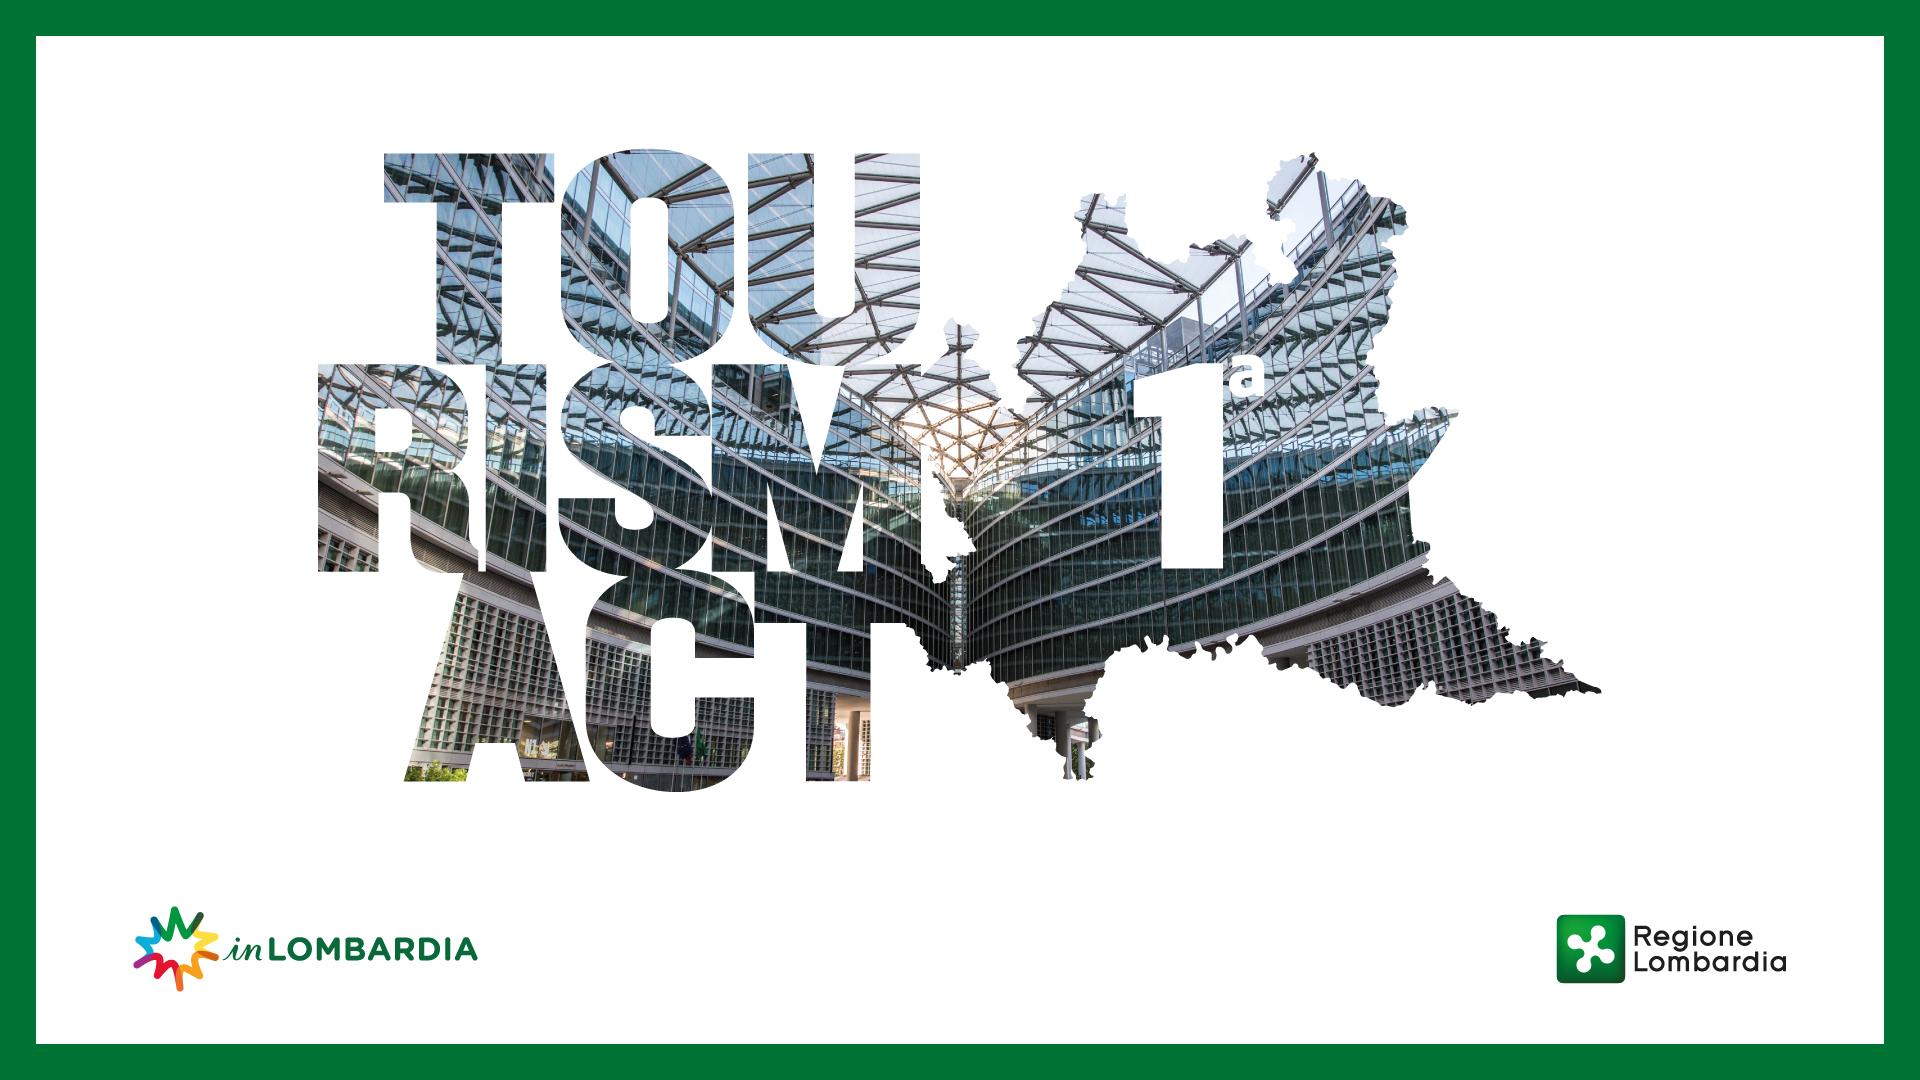 Tourism Act 2017 e ultima tappa del progetto di formazione inLombard1a